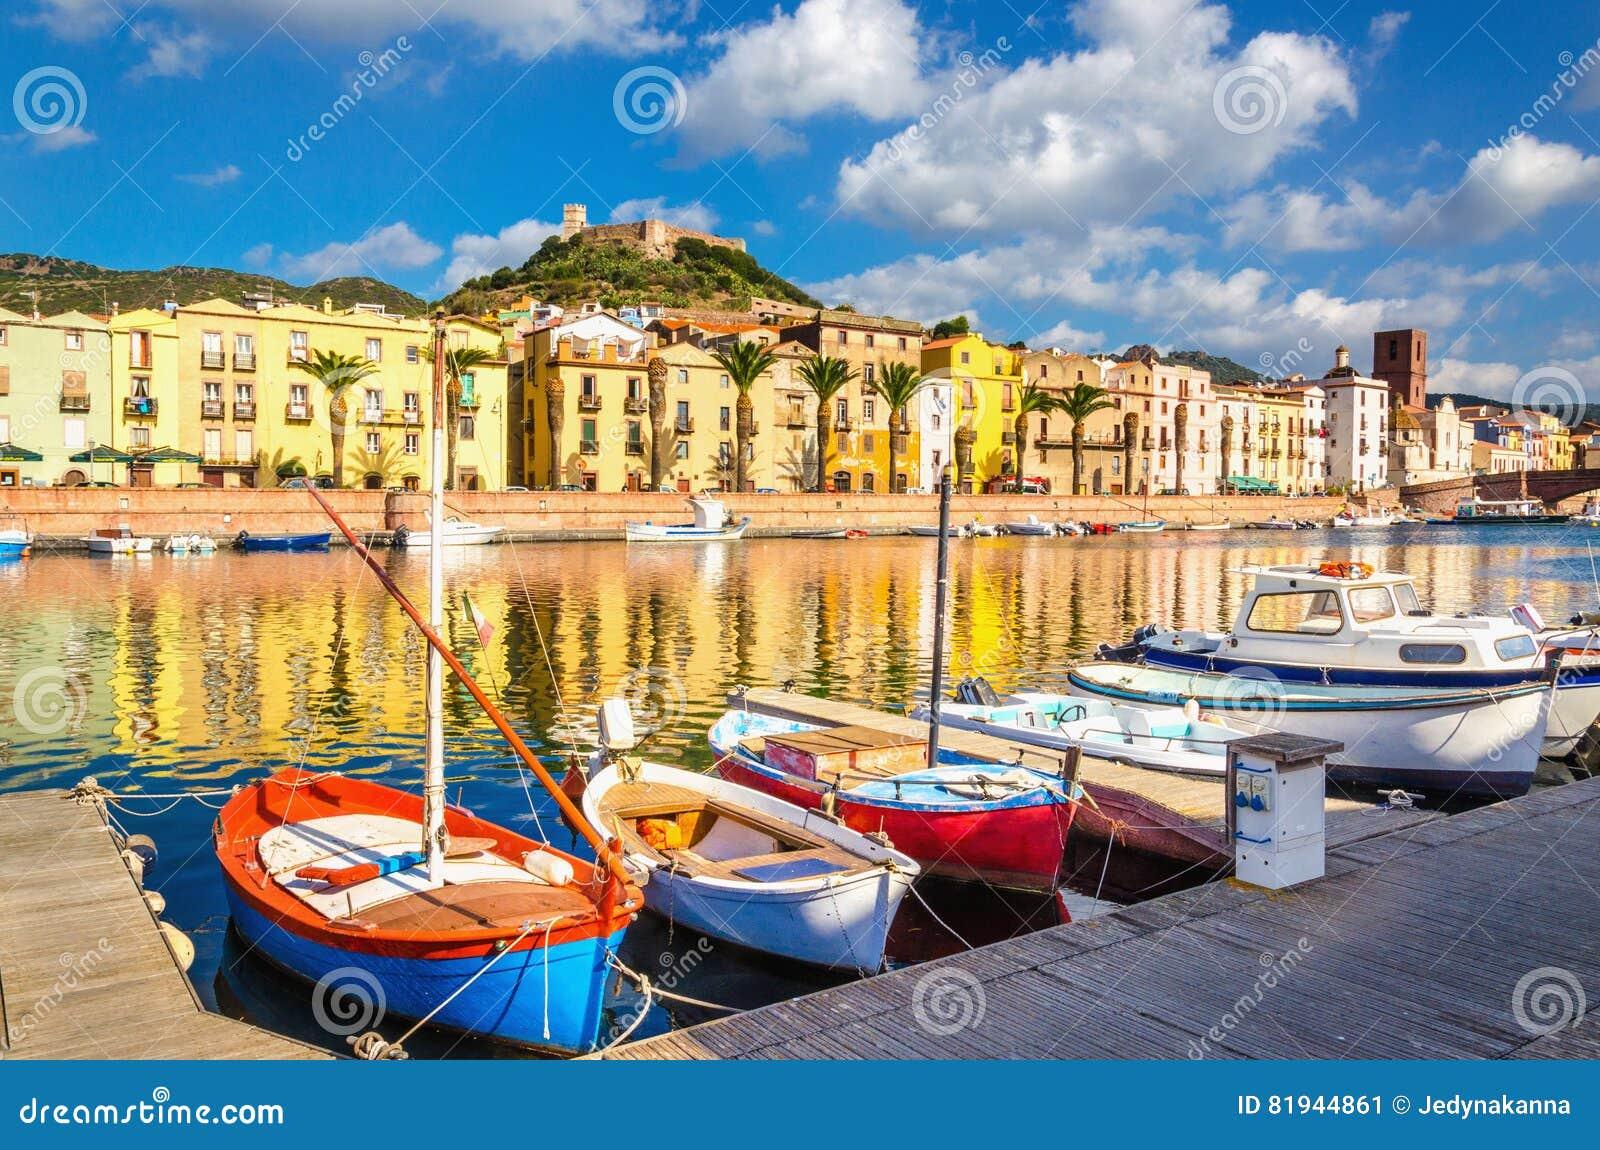 Casas y barcos coloridos en Bosa, Cerdeña, Italia, Europa